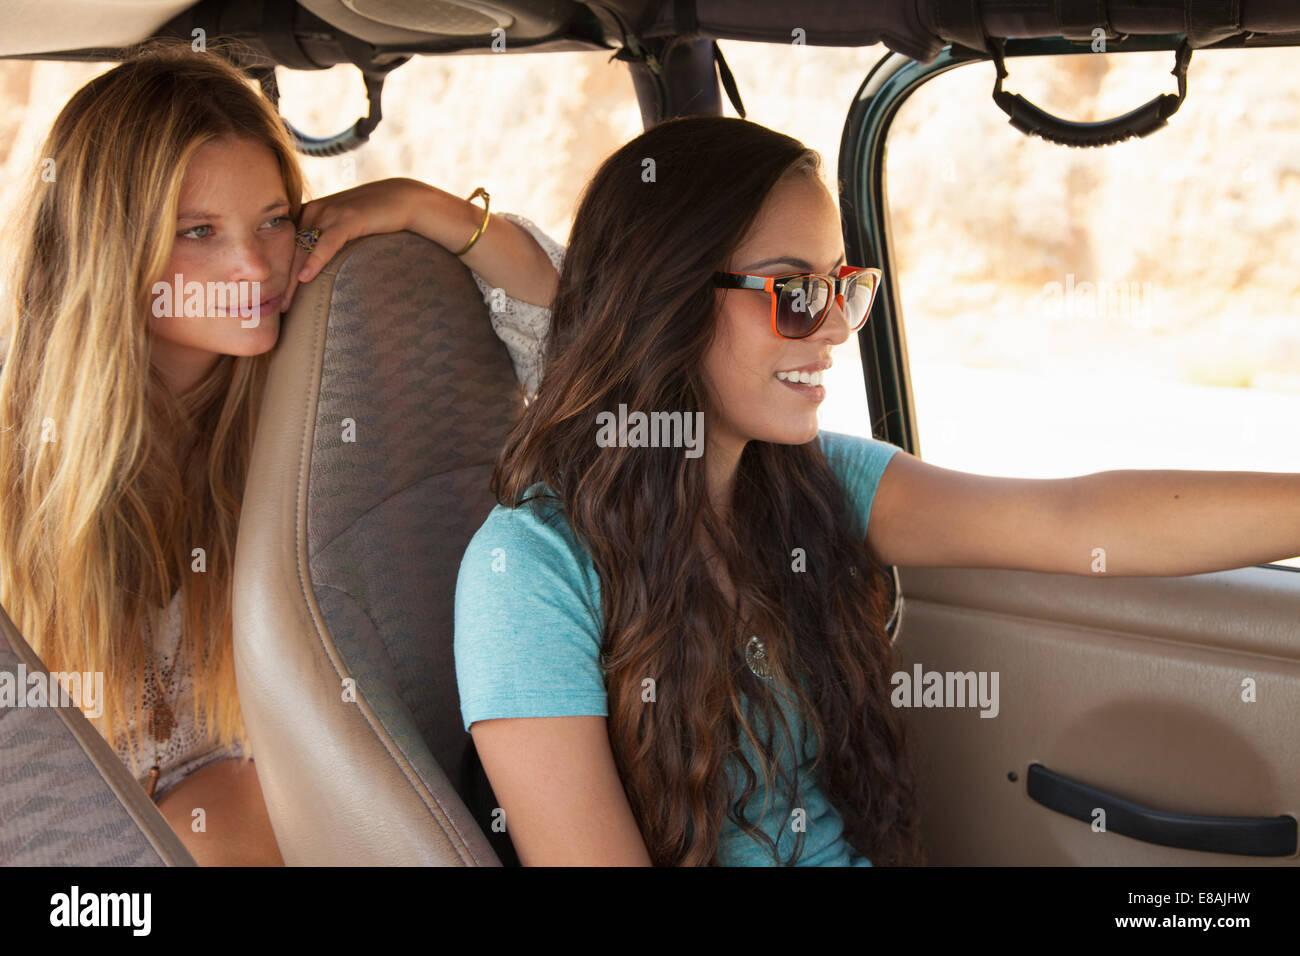 Deux jeunes femmes qui voyagent en voiture Photo Stock